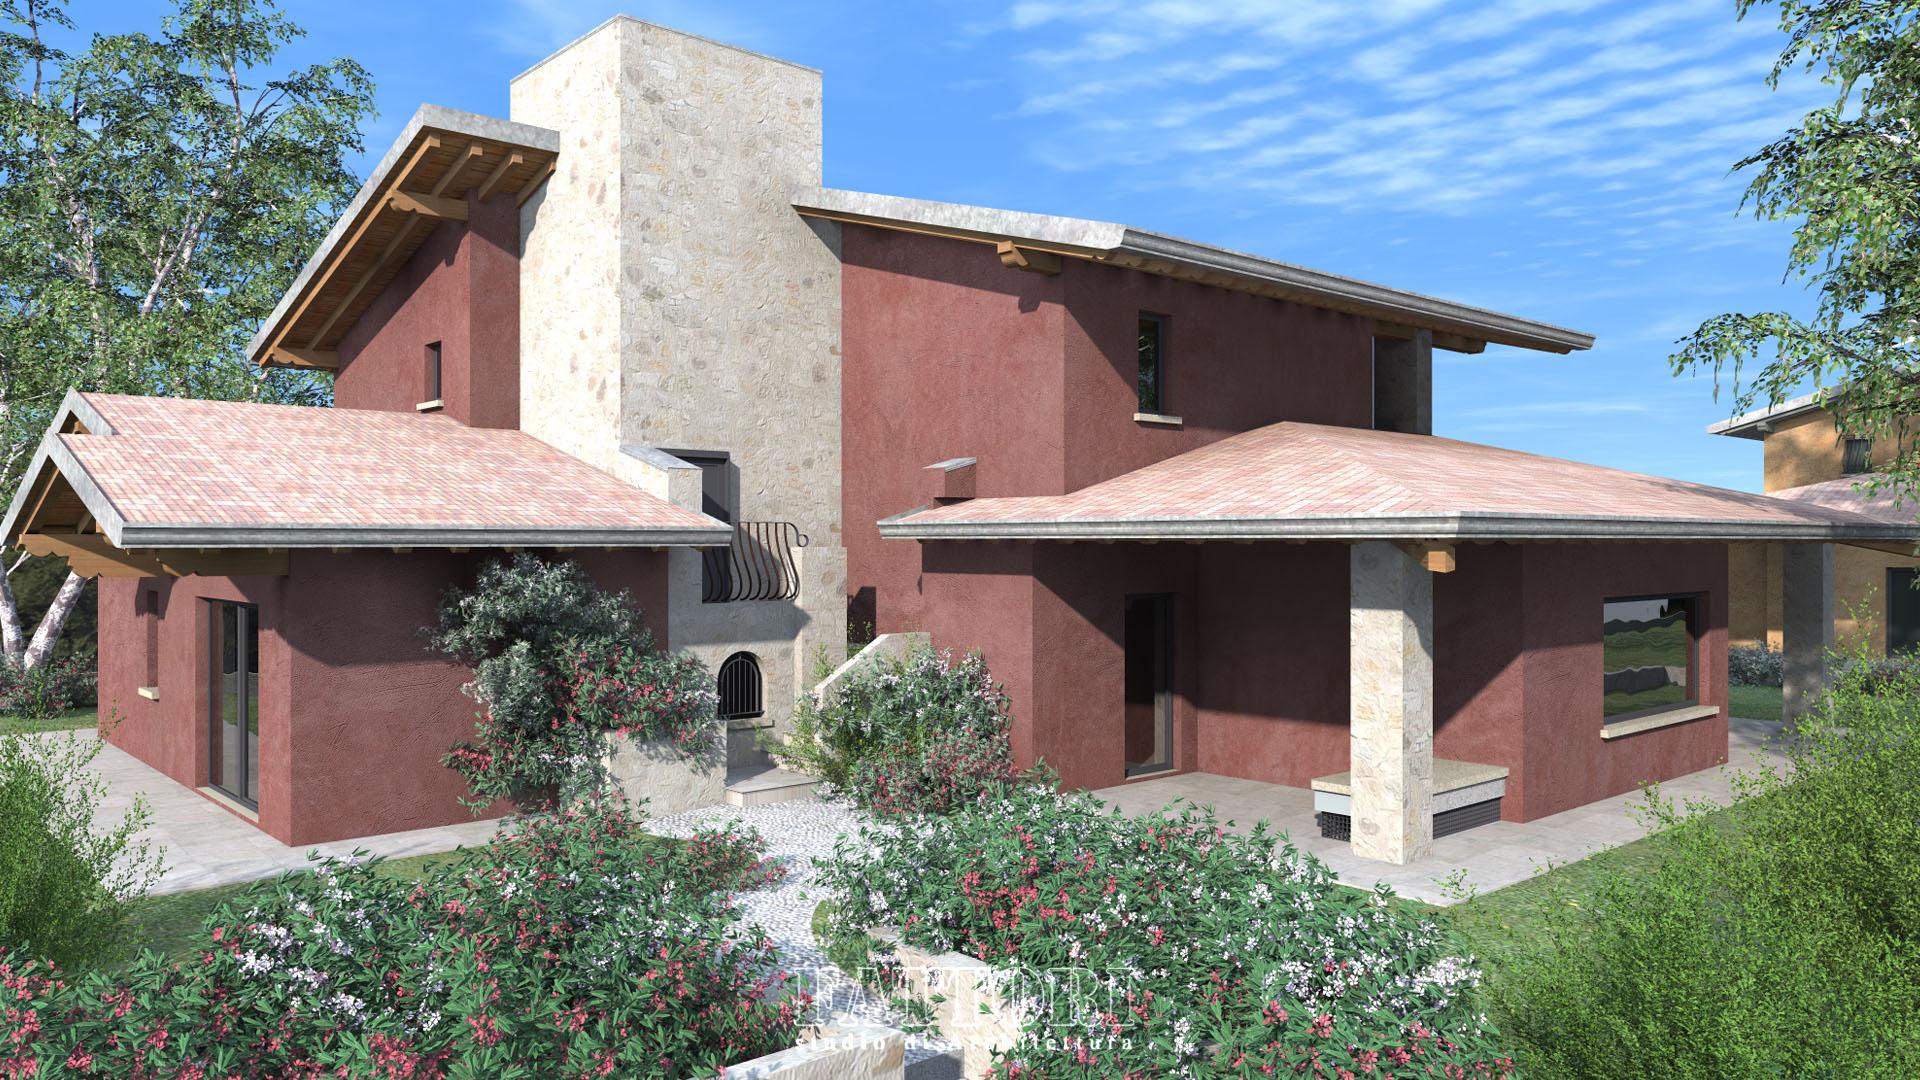 studio_di_architettura_fattori_fausto_progettazione ville case residenziali_4